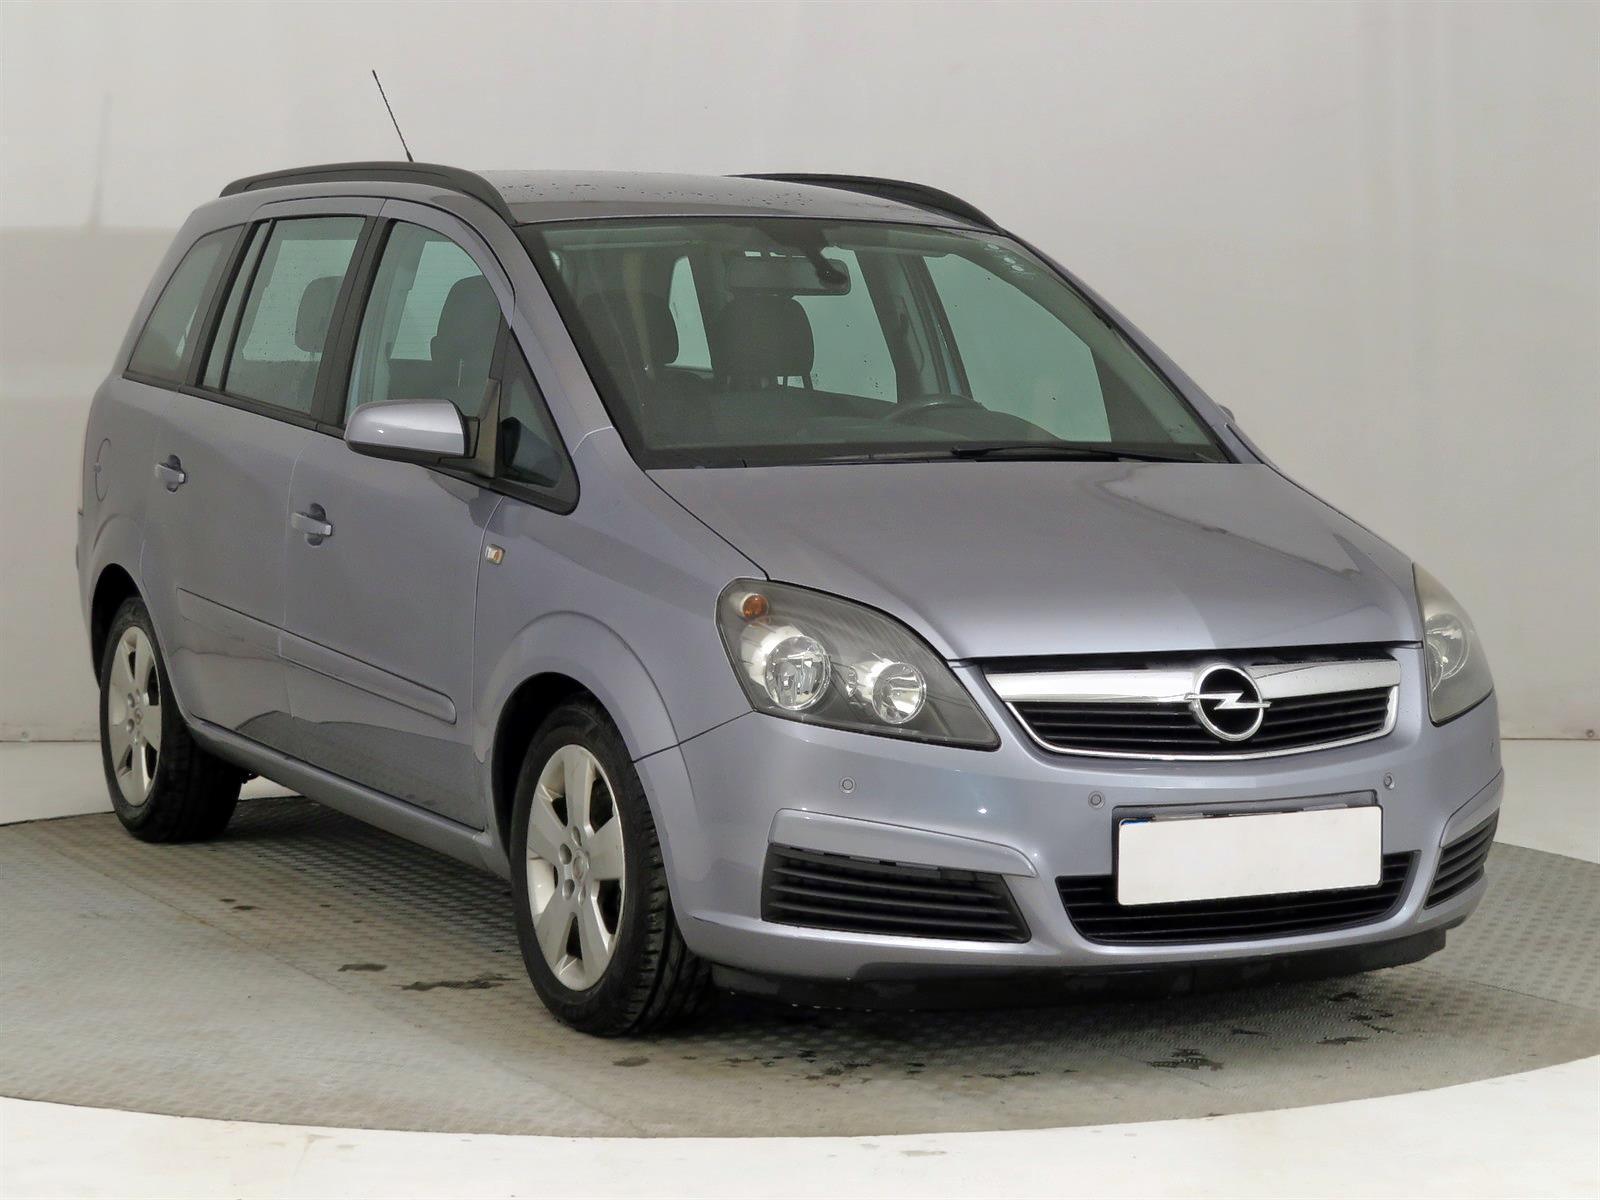 Opel Zafira 1.9 CDTI 110kW MPV nafta